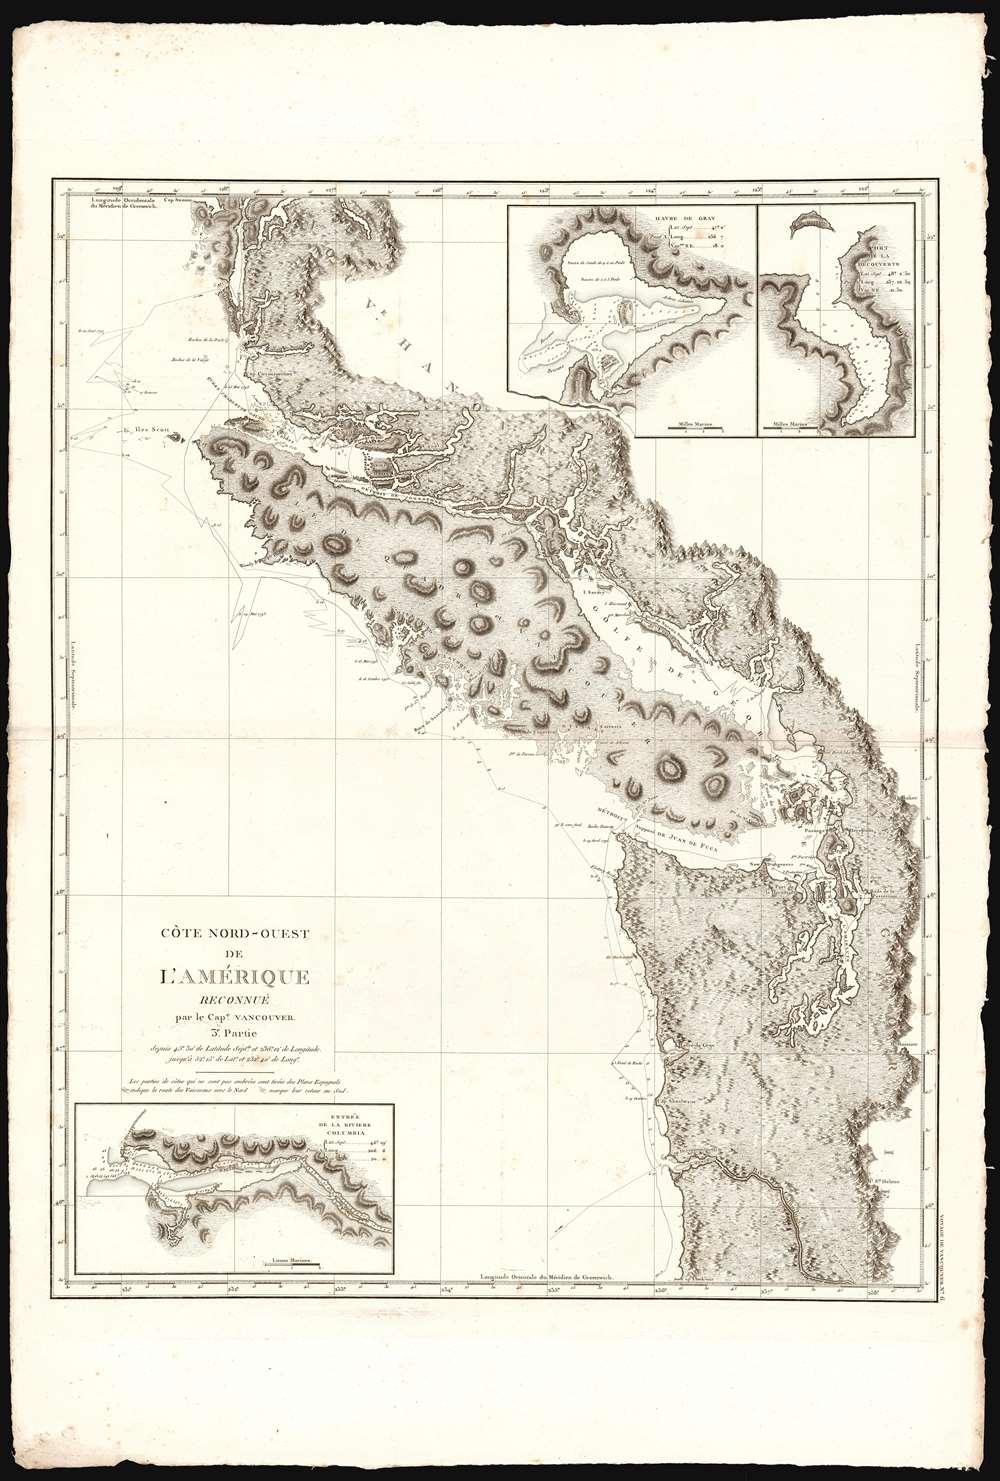 Cote Nord-Ouest de L'Amerique Reconnue par le Cape. Vanouver. 3e. Partie. - Alternate View 1